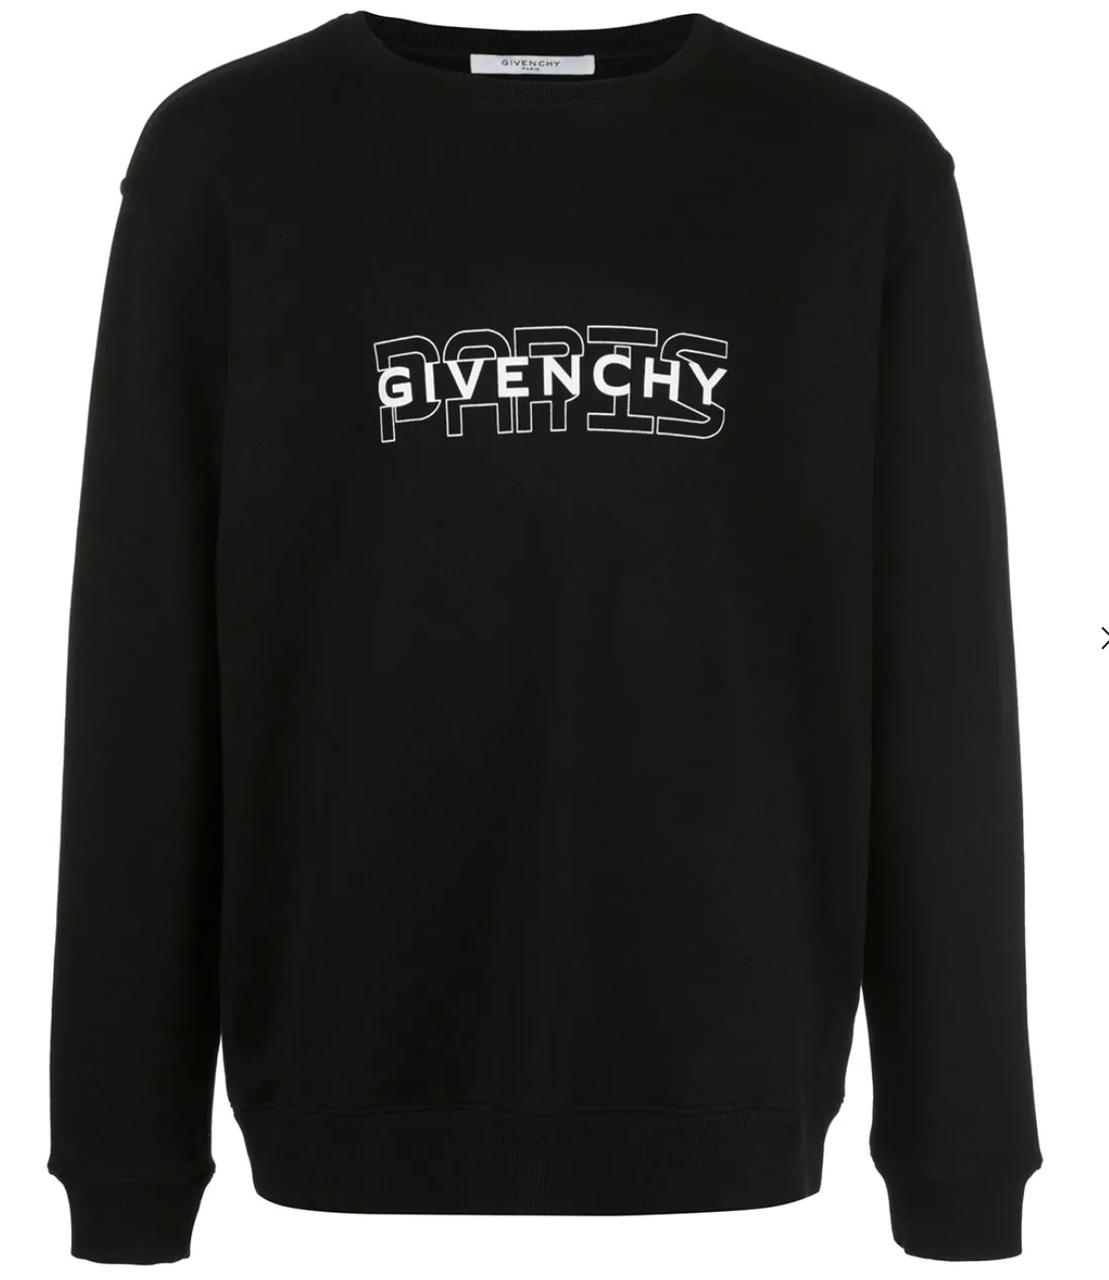 Свитшот мужской с принтом Givenchy Paris | Кофта